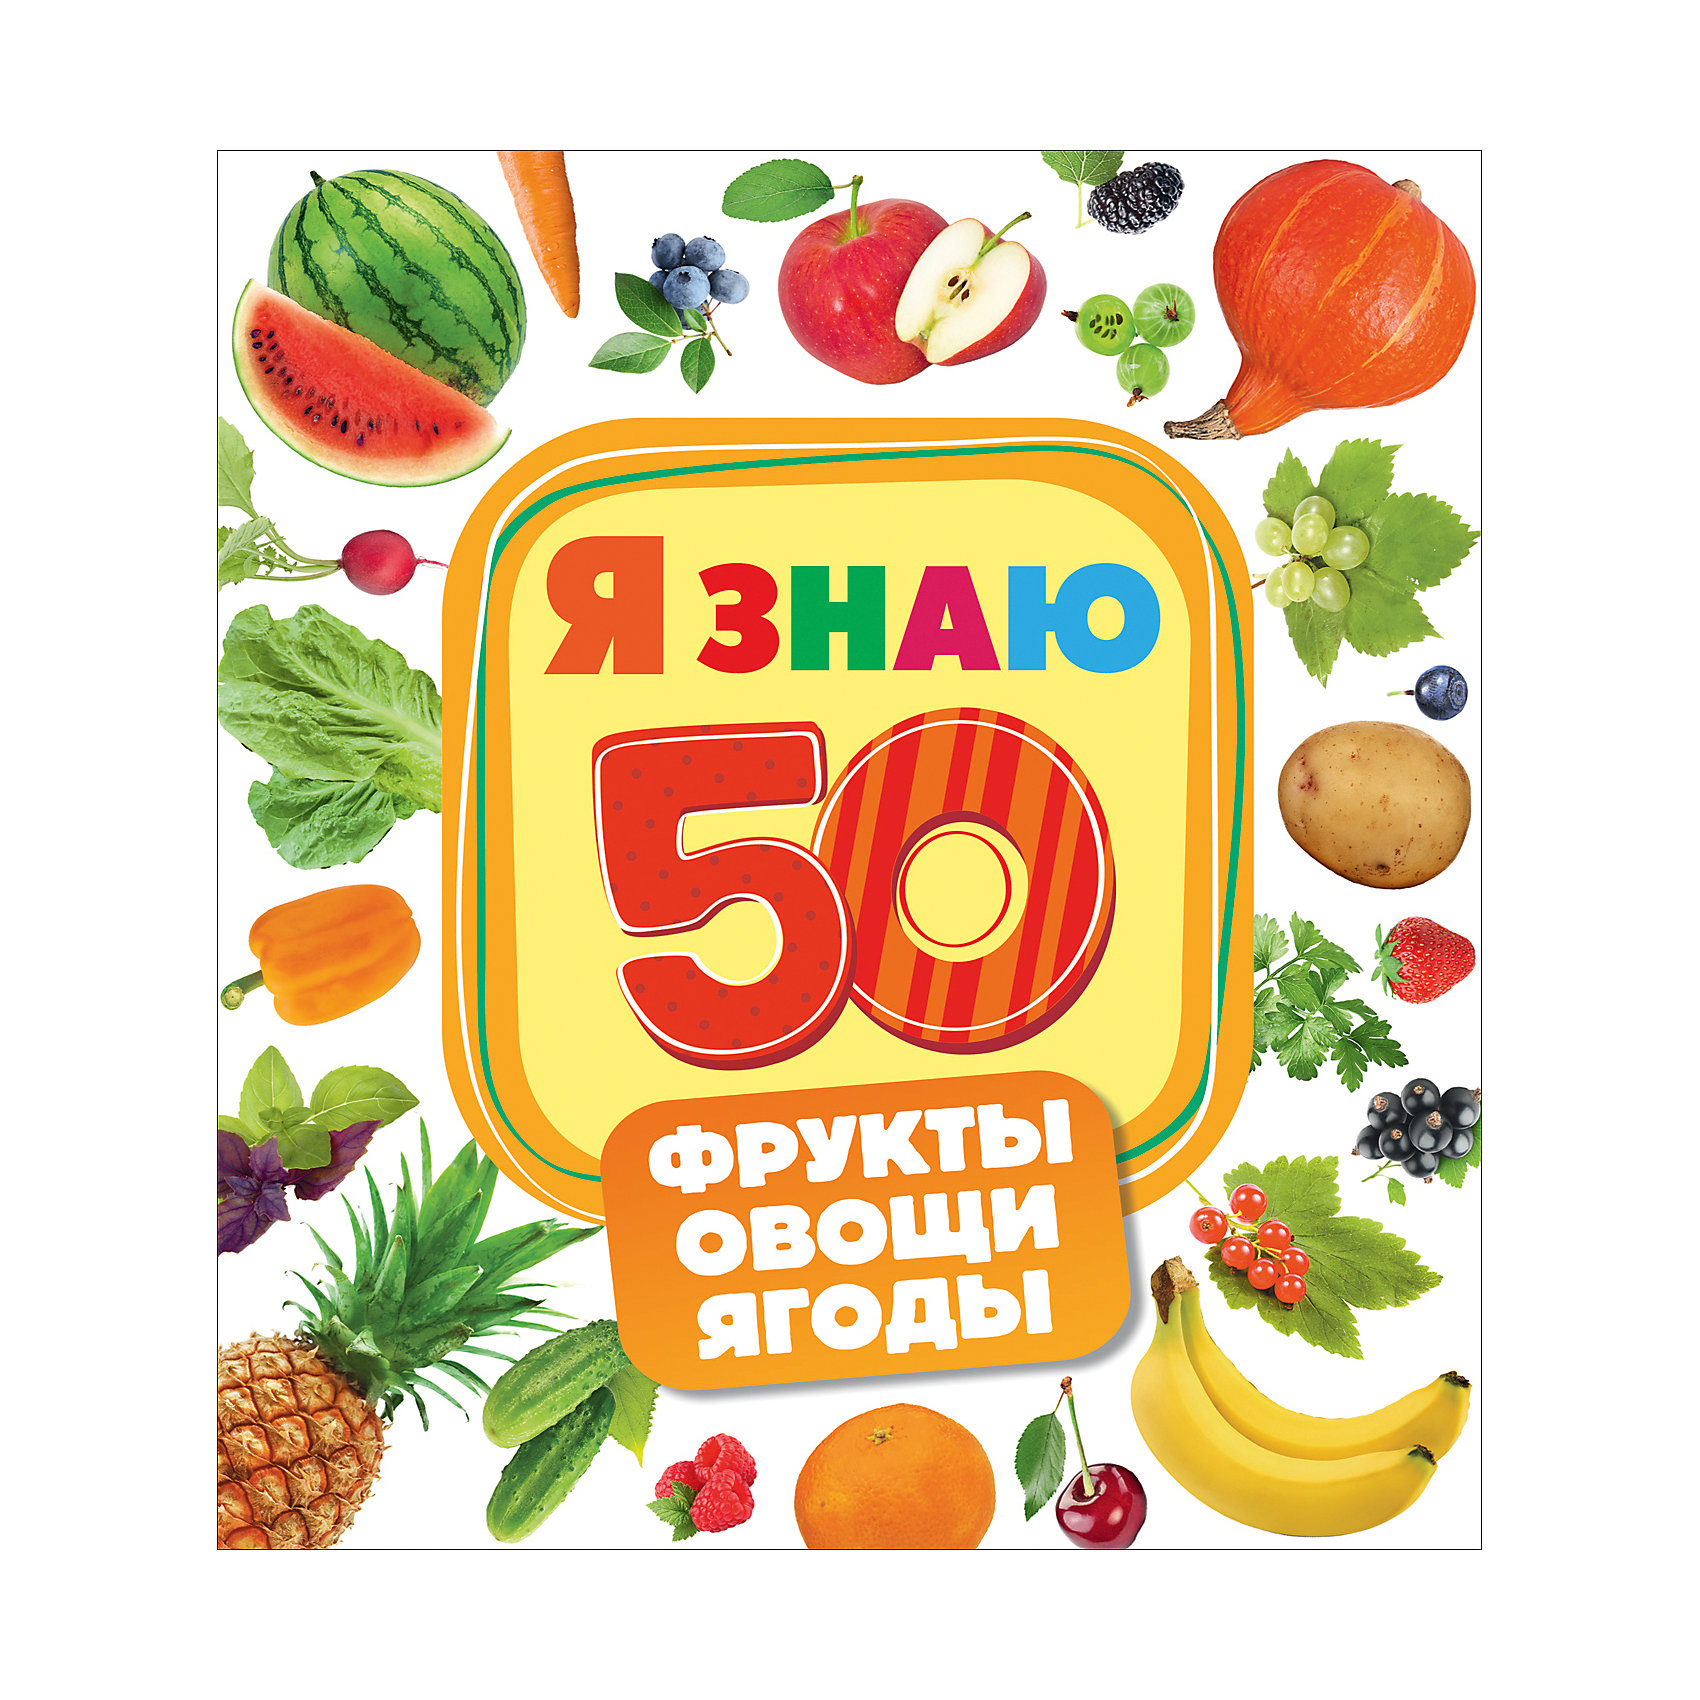 Я знаю Фрукты, овощи, ягодыХарактеристики товара:<br><br>- цвет: разноцветный;<br>- материал: бумага;<br>- страниц: 10;<br>- формат: 22 х 25 см;<br>- обложка: картон;<br>- развивающая. <br><br>Издания серии Я знаю - отличный способ занять ребенка! Эта красочная книга станет отличным подарком для родителей и малыша. Она содержит в себе интересные задания и яркие картинки, которые так любят дети. Отличный способ привить малышу любовь к занятиям и начать обучение! Методика такого обучения в игровой форме разработана опытными специалистами и опробована множеством родителей.<br>Чтение, выполнение простых заданий и рассматривание картинок помогает ребенку развивать память, концентрацию внимания и воображение. Издание произведено из качественных материалов, которые безопасны даже для самых маленьких.<br><br>Издание Я знаю Фрукты, овощи, ягоды от компании Росмэн можно купить в нашем интернет-магазине.<br><br>Ширина мм: 250<br>Глубина мм: 225<br>Высота мм: 6<br>Вес г: 292<br>Возраст от месяцев: 0<br>Возраст до месяцев: 36<br>Пол: Унисекс<br>Возраст: Детский<br>SKU: 5110315